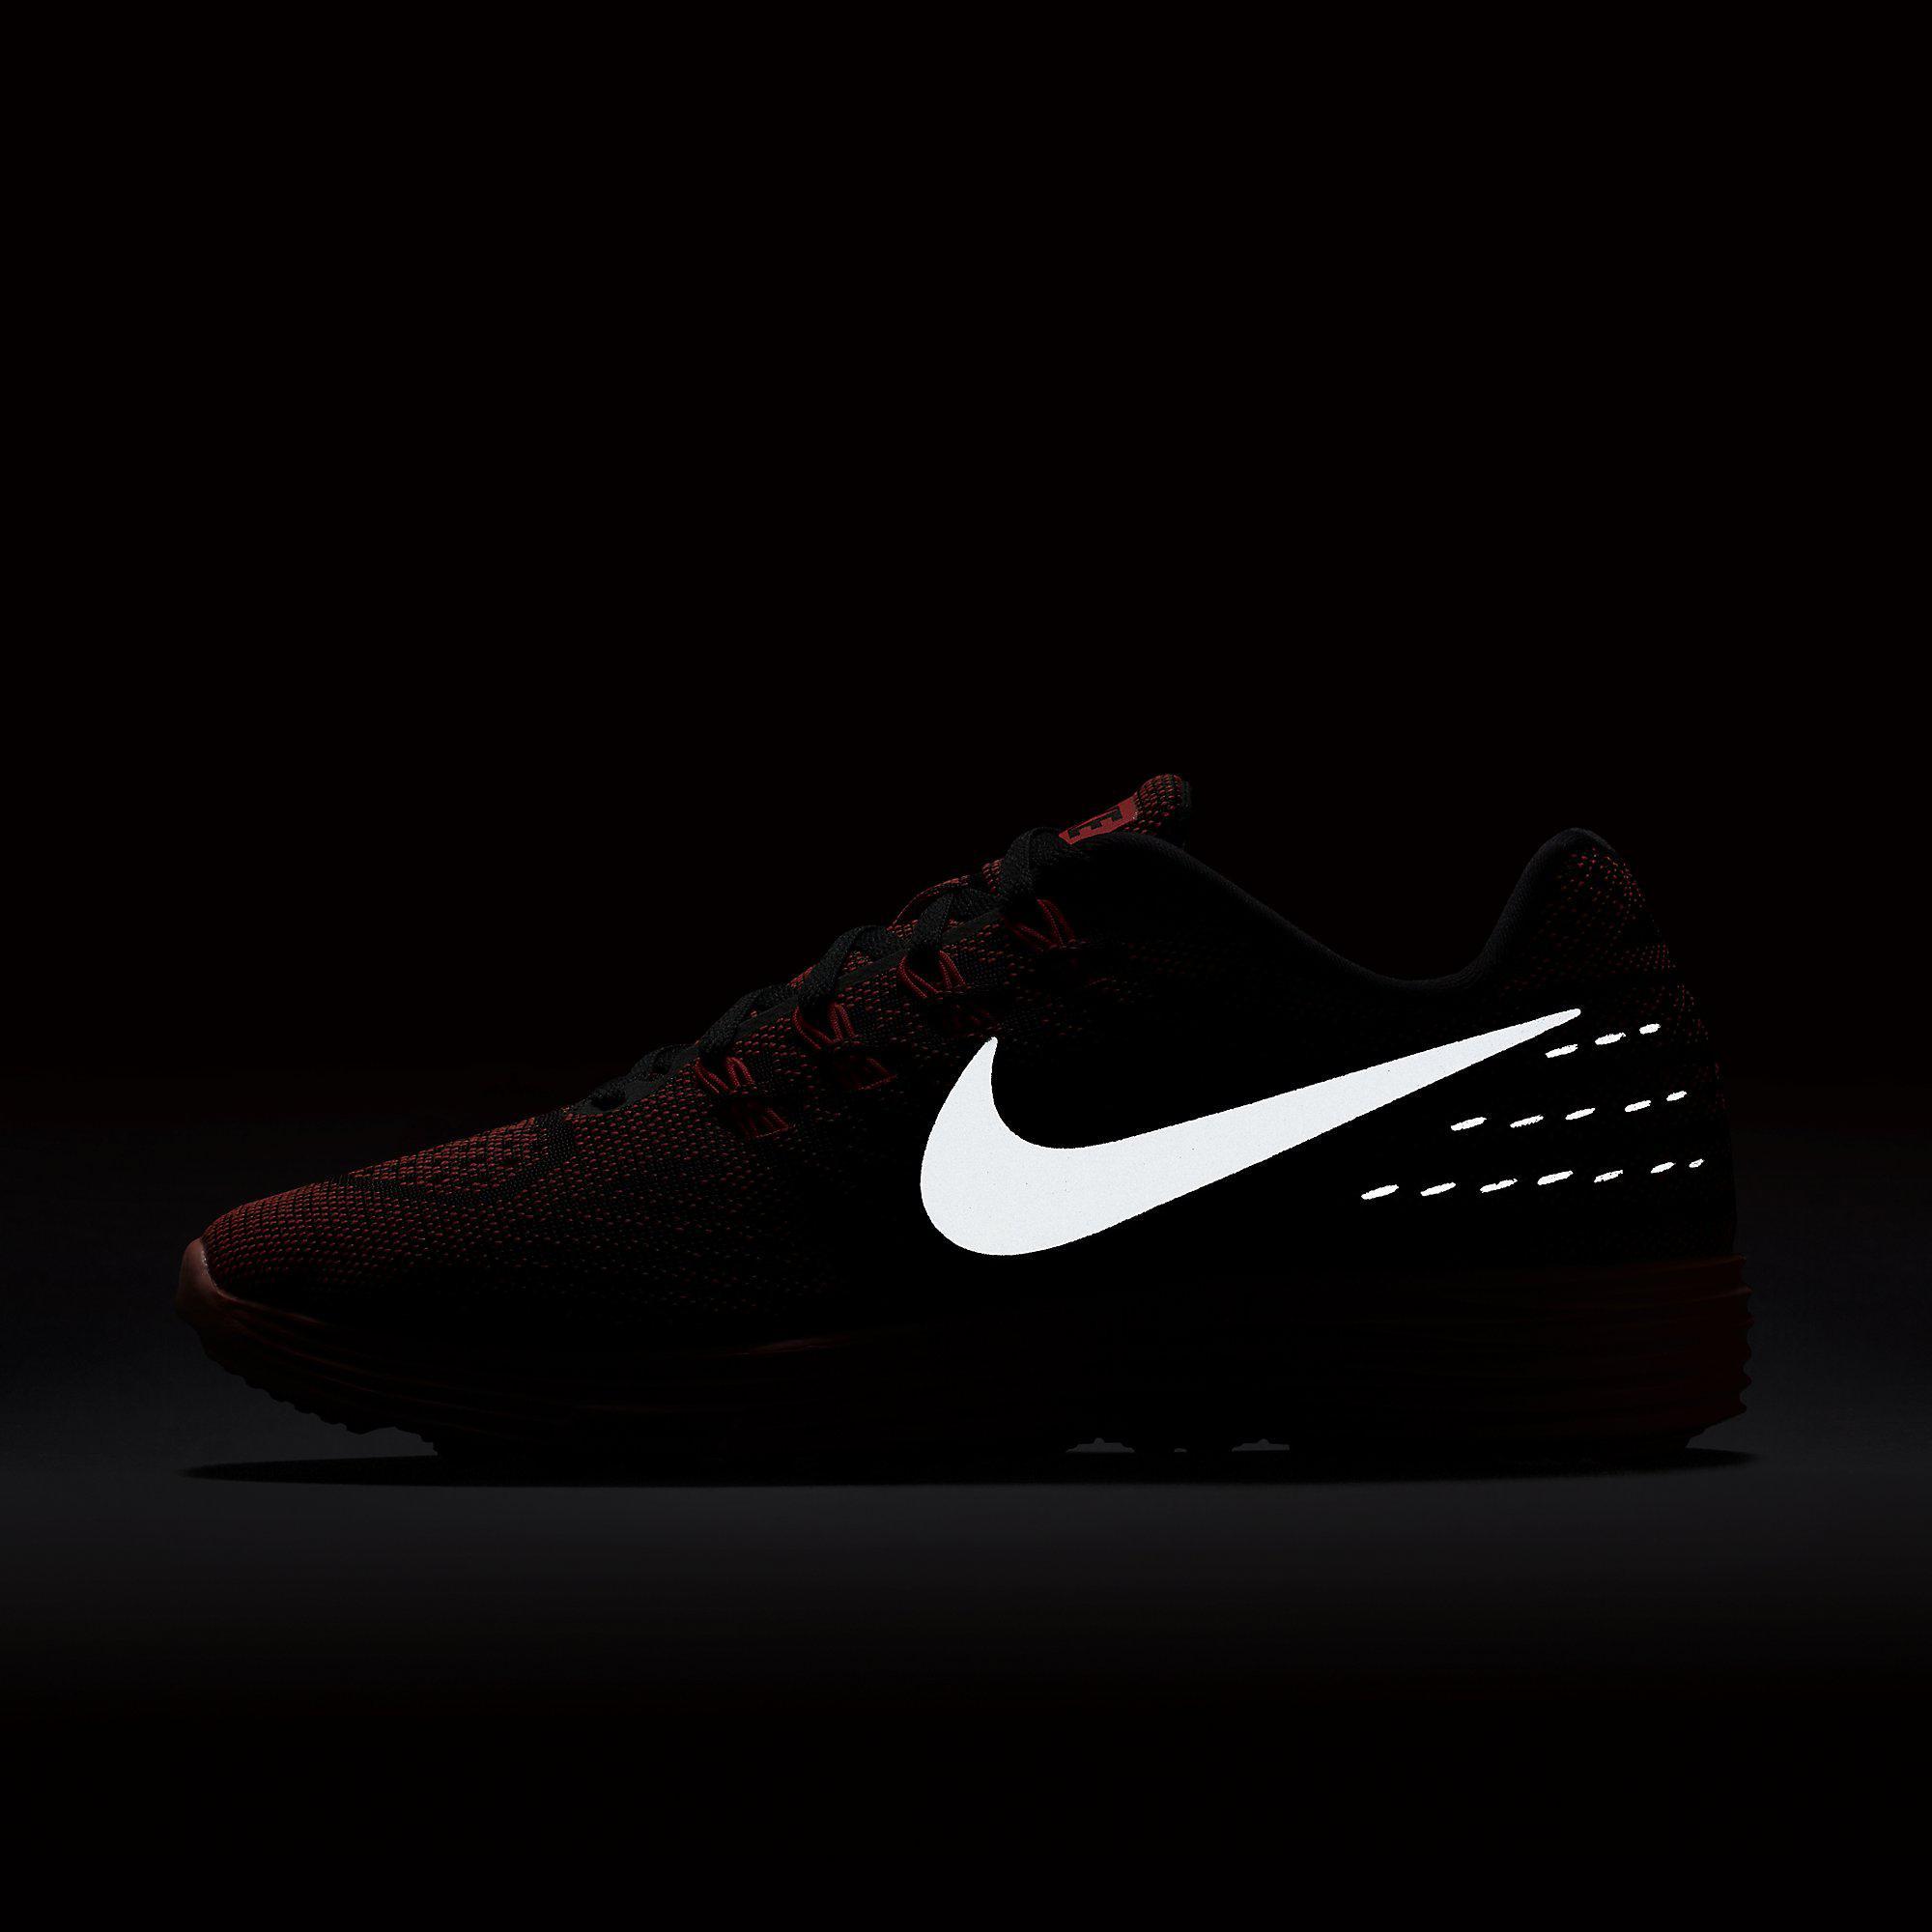 9508e1685919 Nike Womens LunarTempo 2 Running Shoes - Bright Crimson Black ...